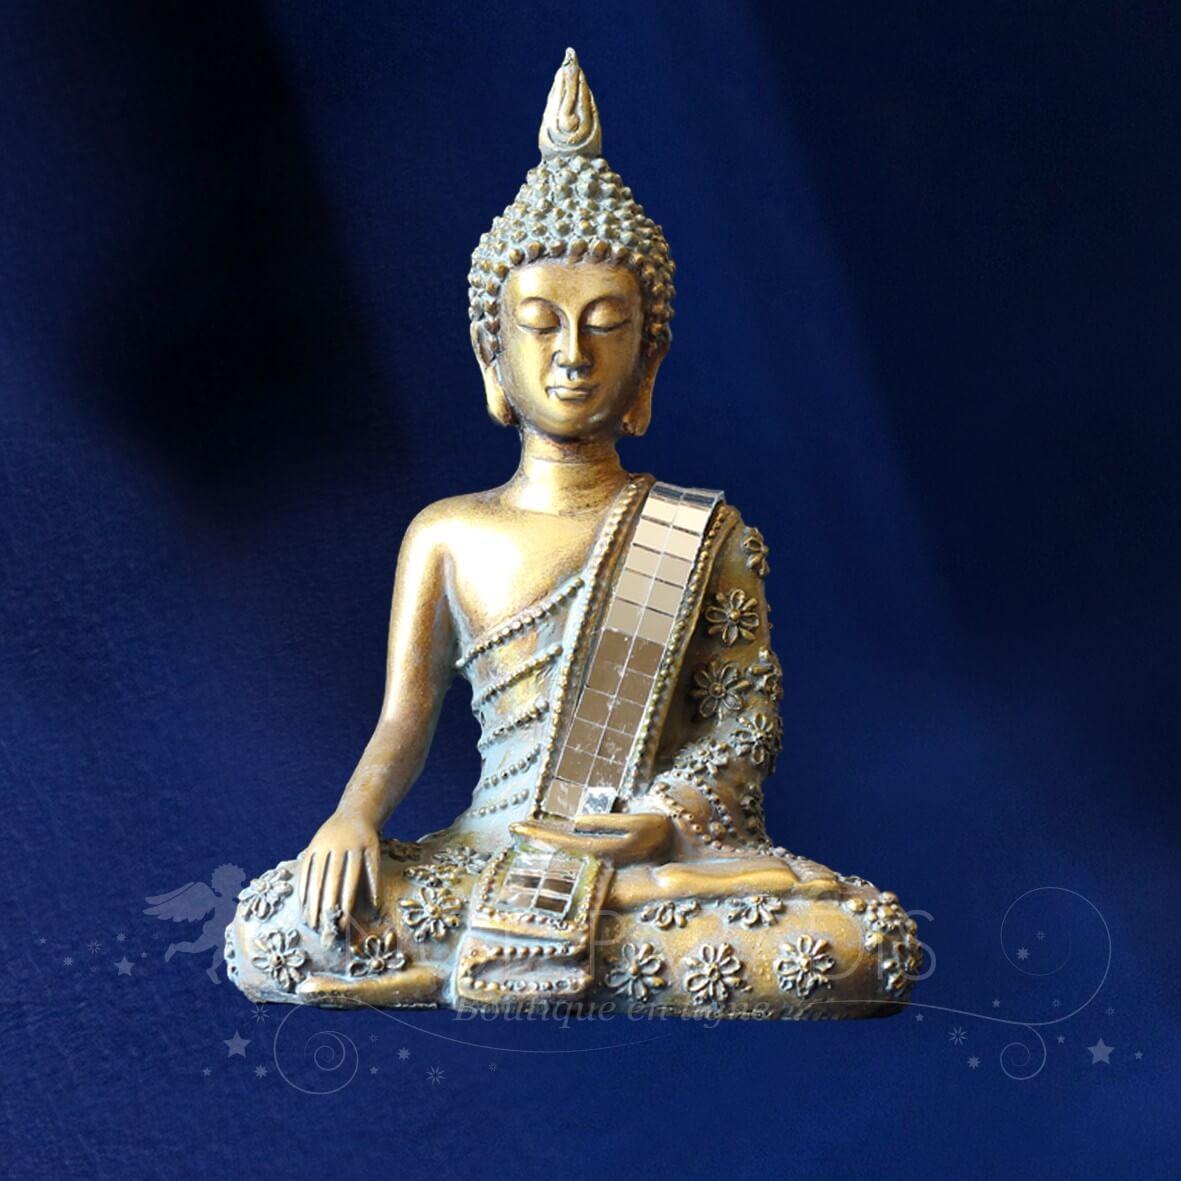 achat de bouddha en ligne boutique d coration bouddhas figurine bouddha. Black Bedroom Furniture Sets. Home Design Ideas